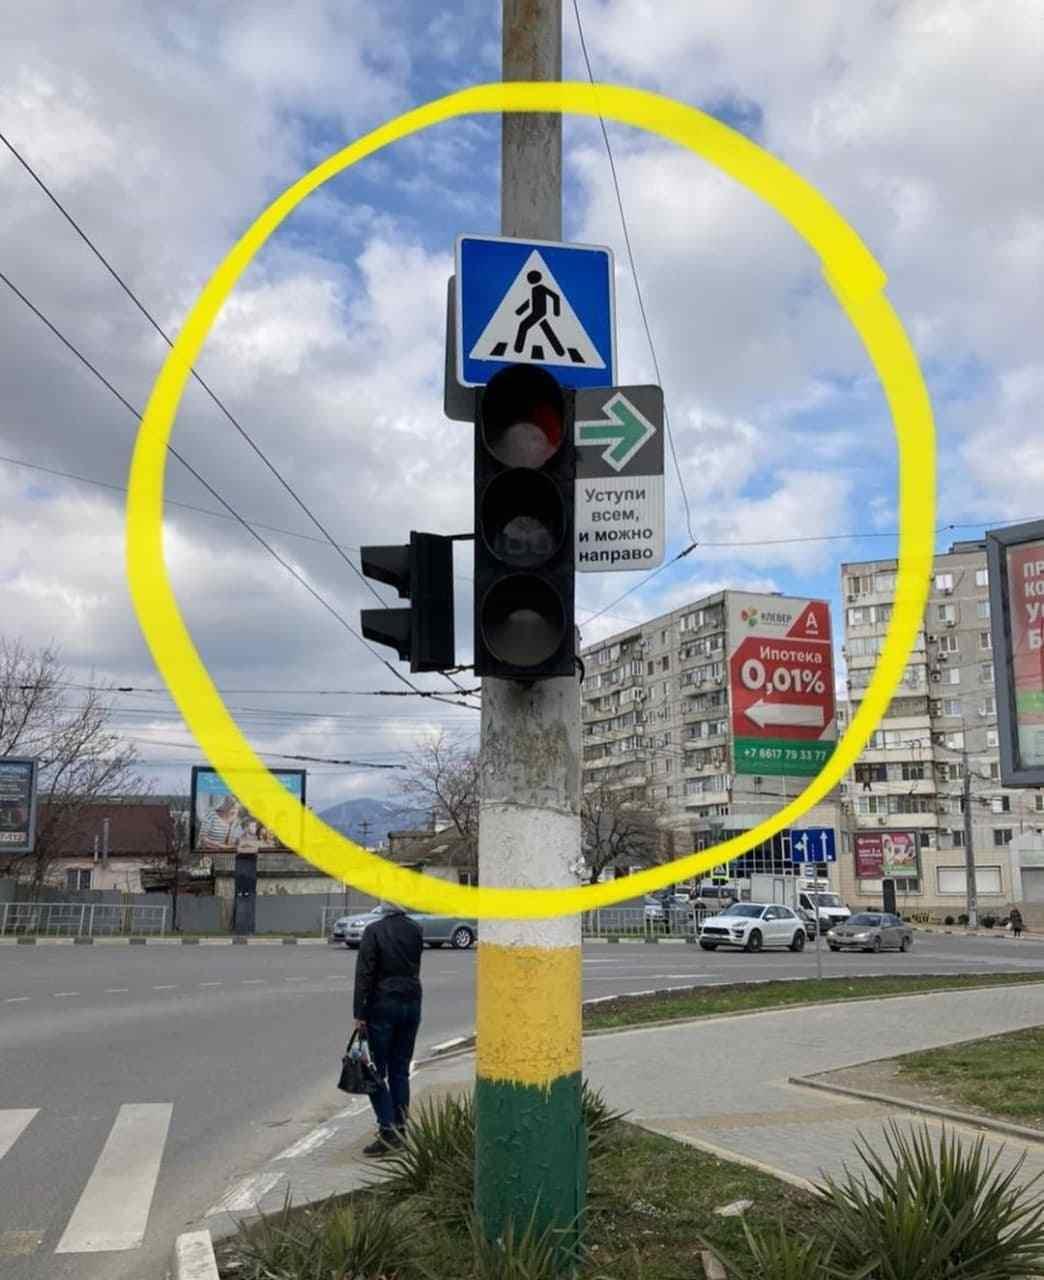 В Новороссийске разрешили ехать на красный сигнал светофора на одном из перекрестков